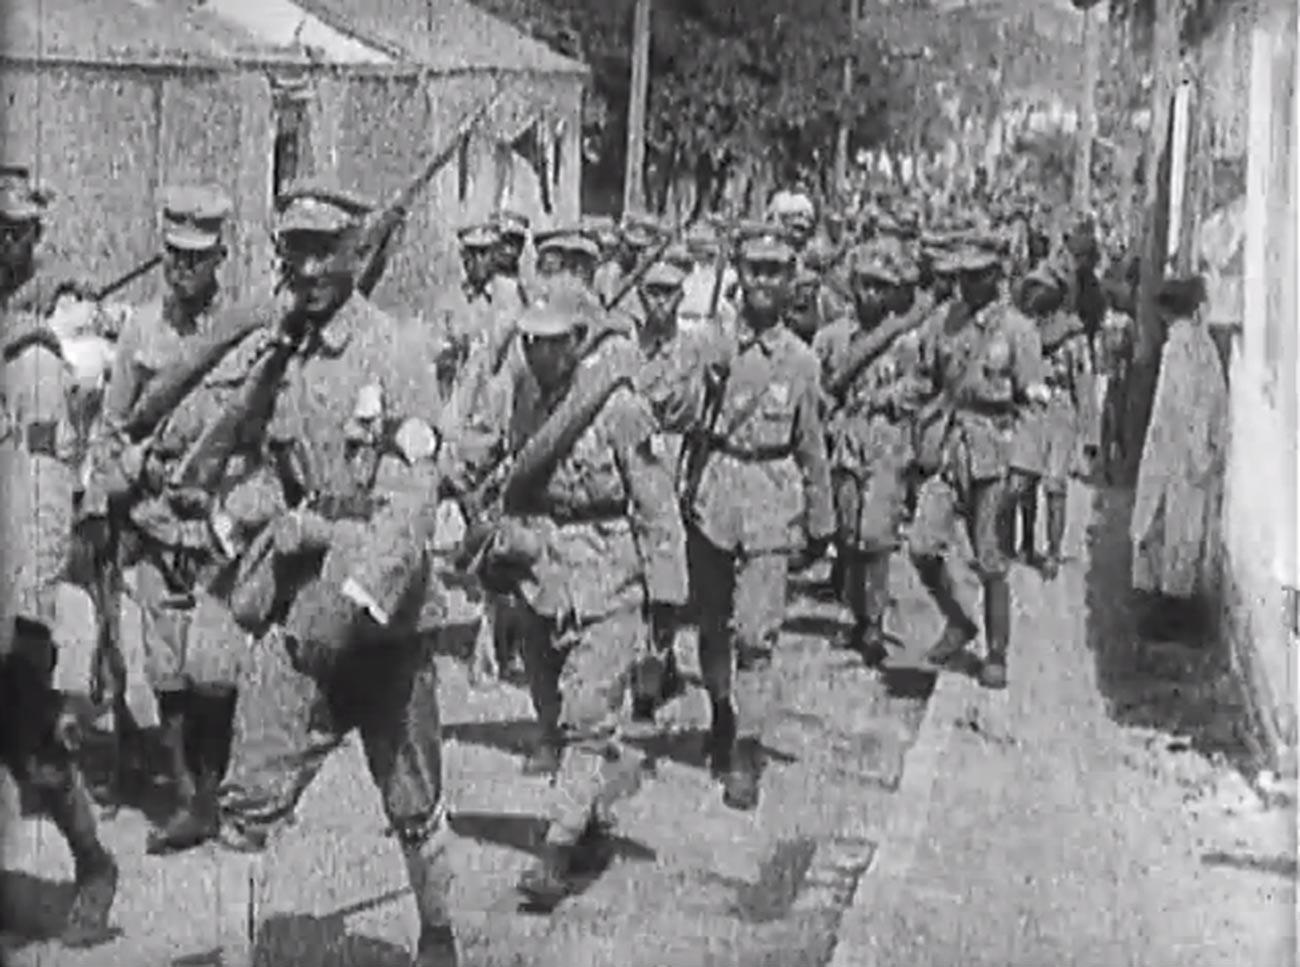 Маршируват войски на Националната революционна армия.